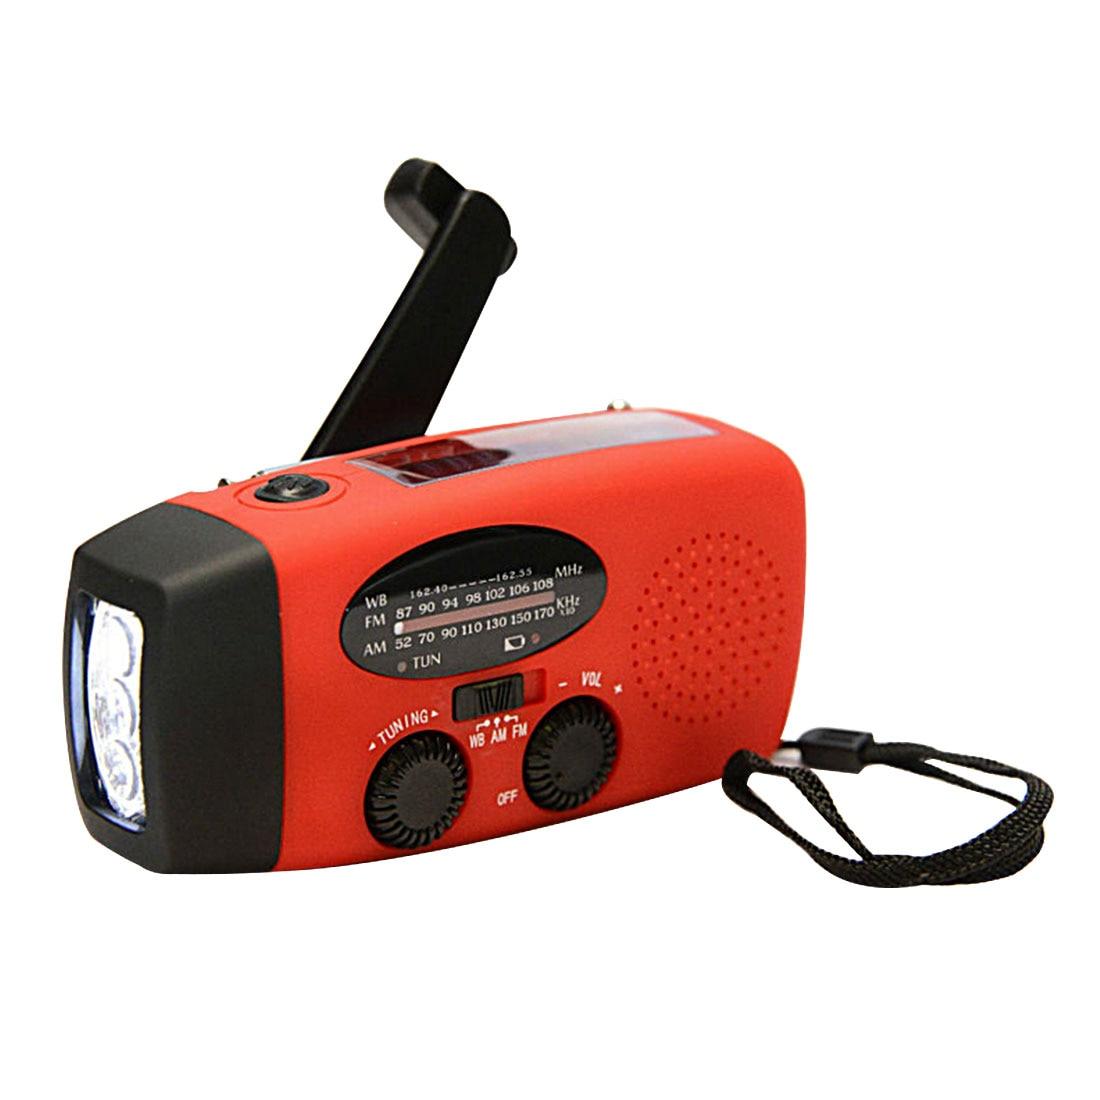 Unterhaltungselektronik Marsnaska Solar Radio Handkurbel Self Powered Handy-ladegerät 3 Led-taschenlampe Am/fm/wb Radio Wasserdicht Notfall überleben Rot Kataloge Werden Auf Anfrage Verschickt